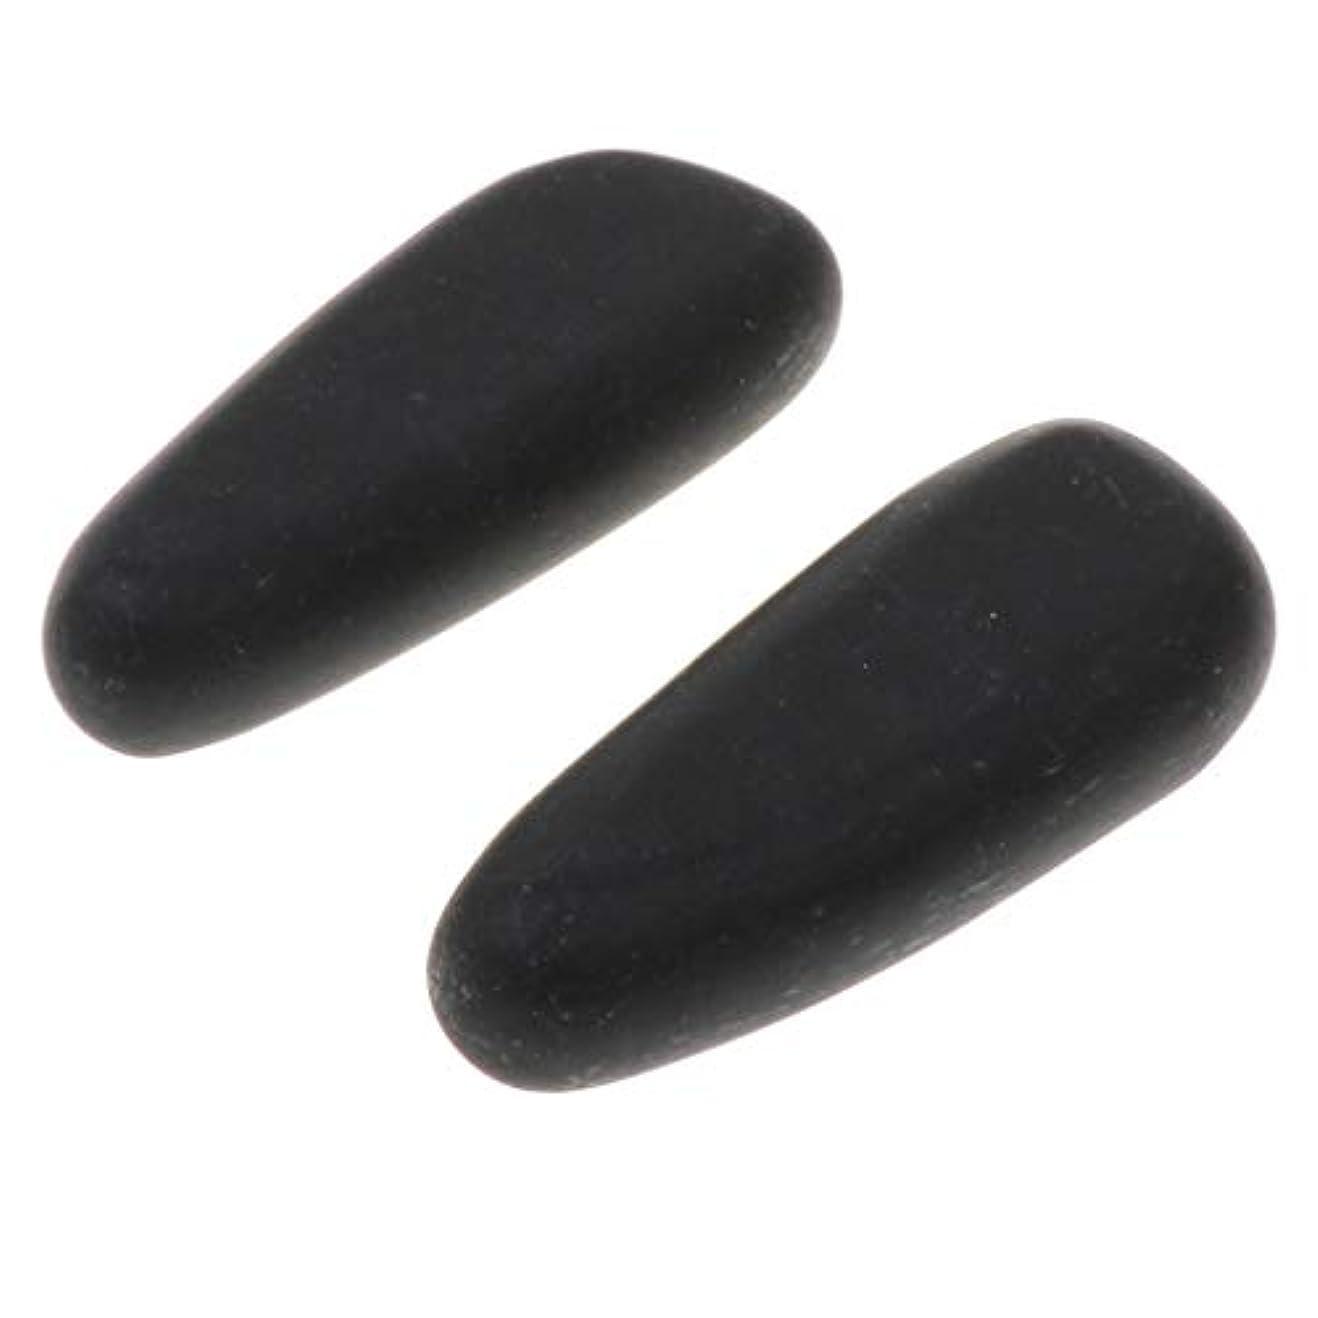 定義する疎外する後悔天然石ホットストーン マッサージストーン 玄武岩 ボディマッサージ 実用 ツボ押しグッズ 2個 全2サイズ - 8×3.2×2cm